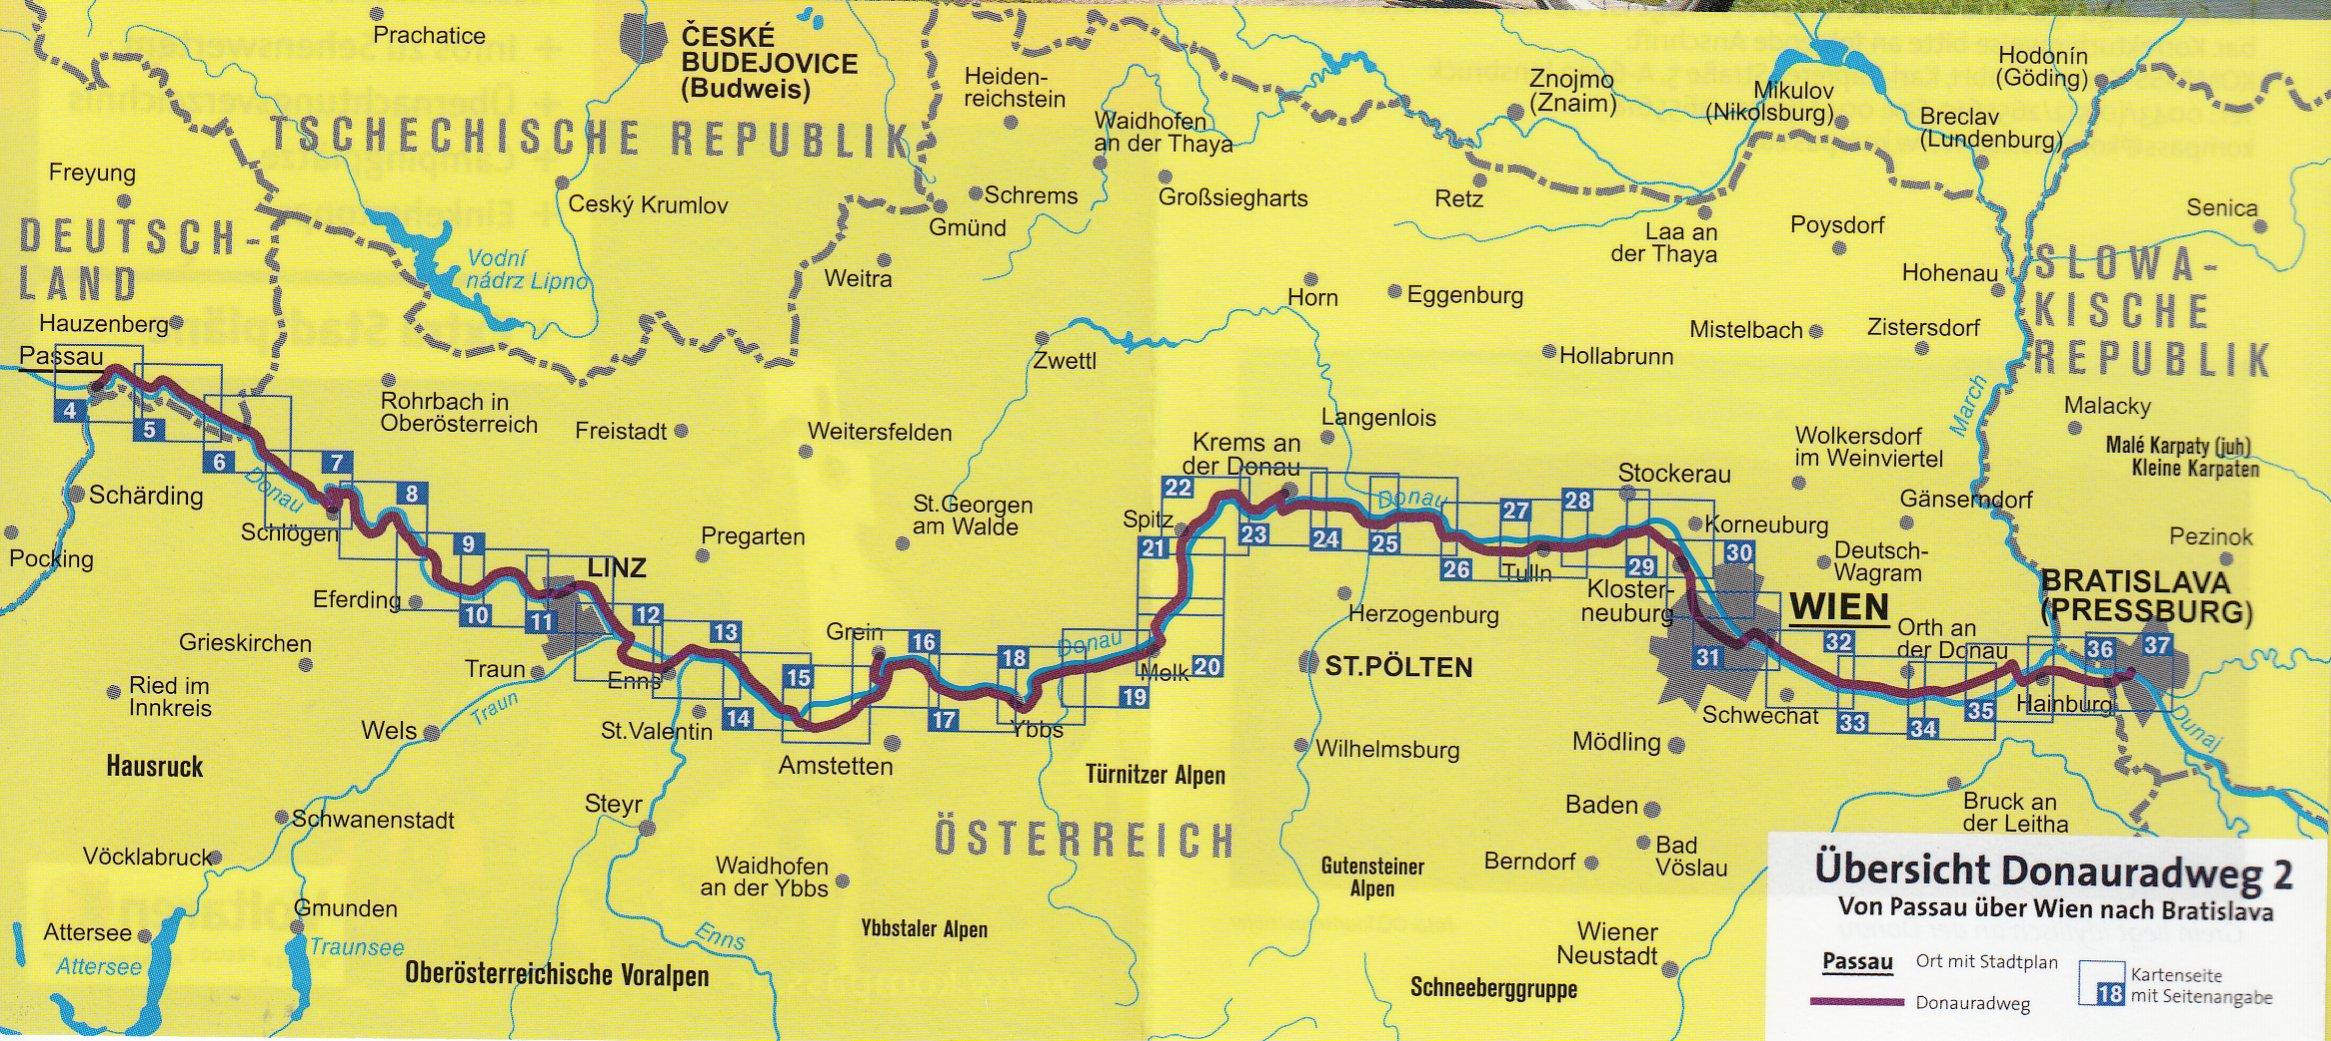 Ruta ciclista del Danubio - Passau a Bratislava Alemania, Austria ...